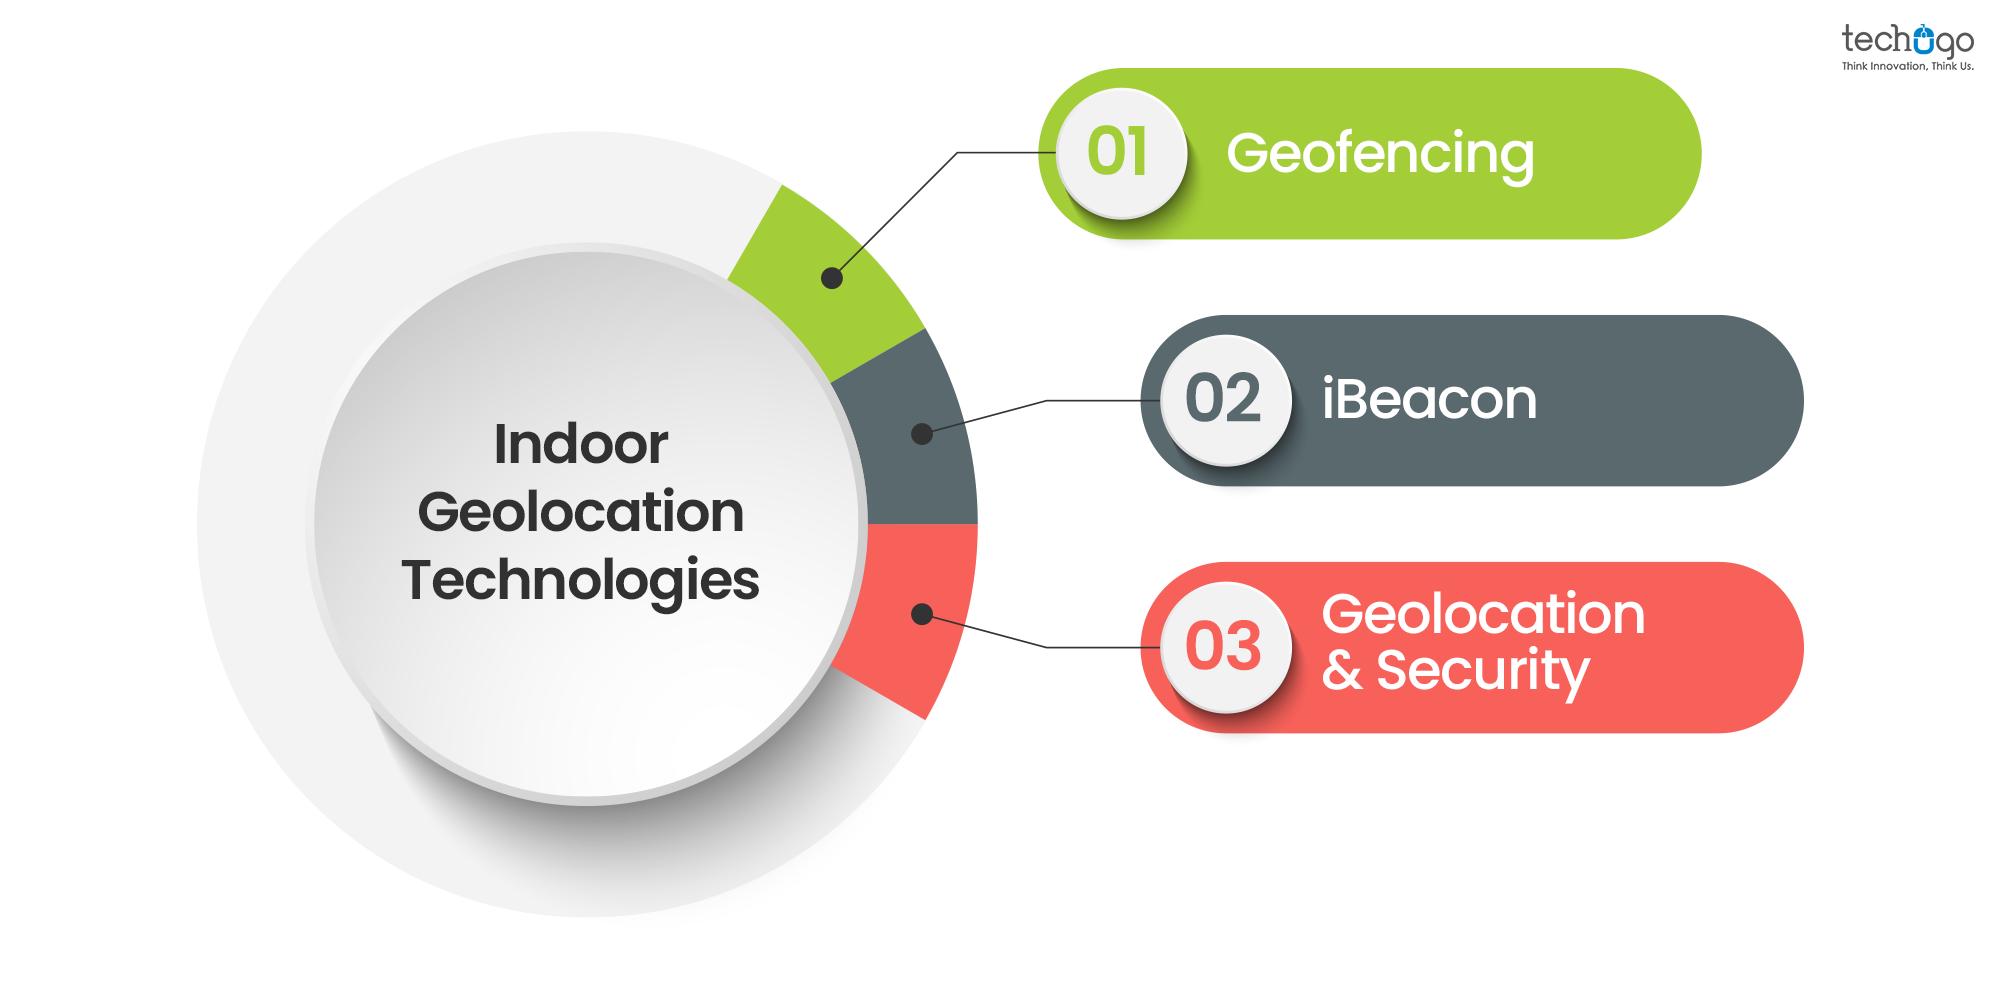 Indoor Geolocation Technologies